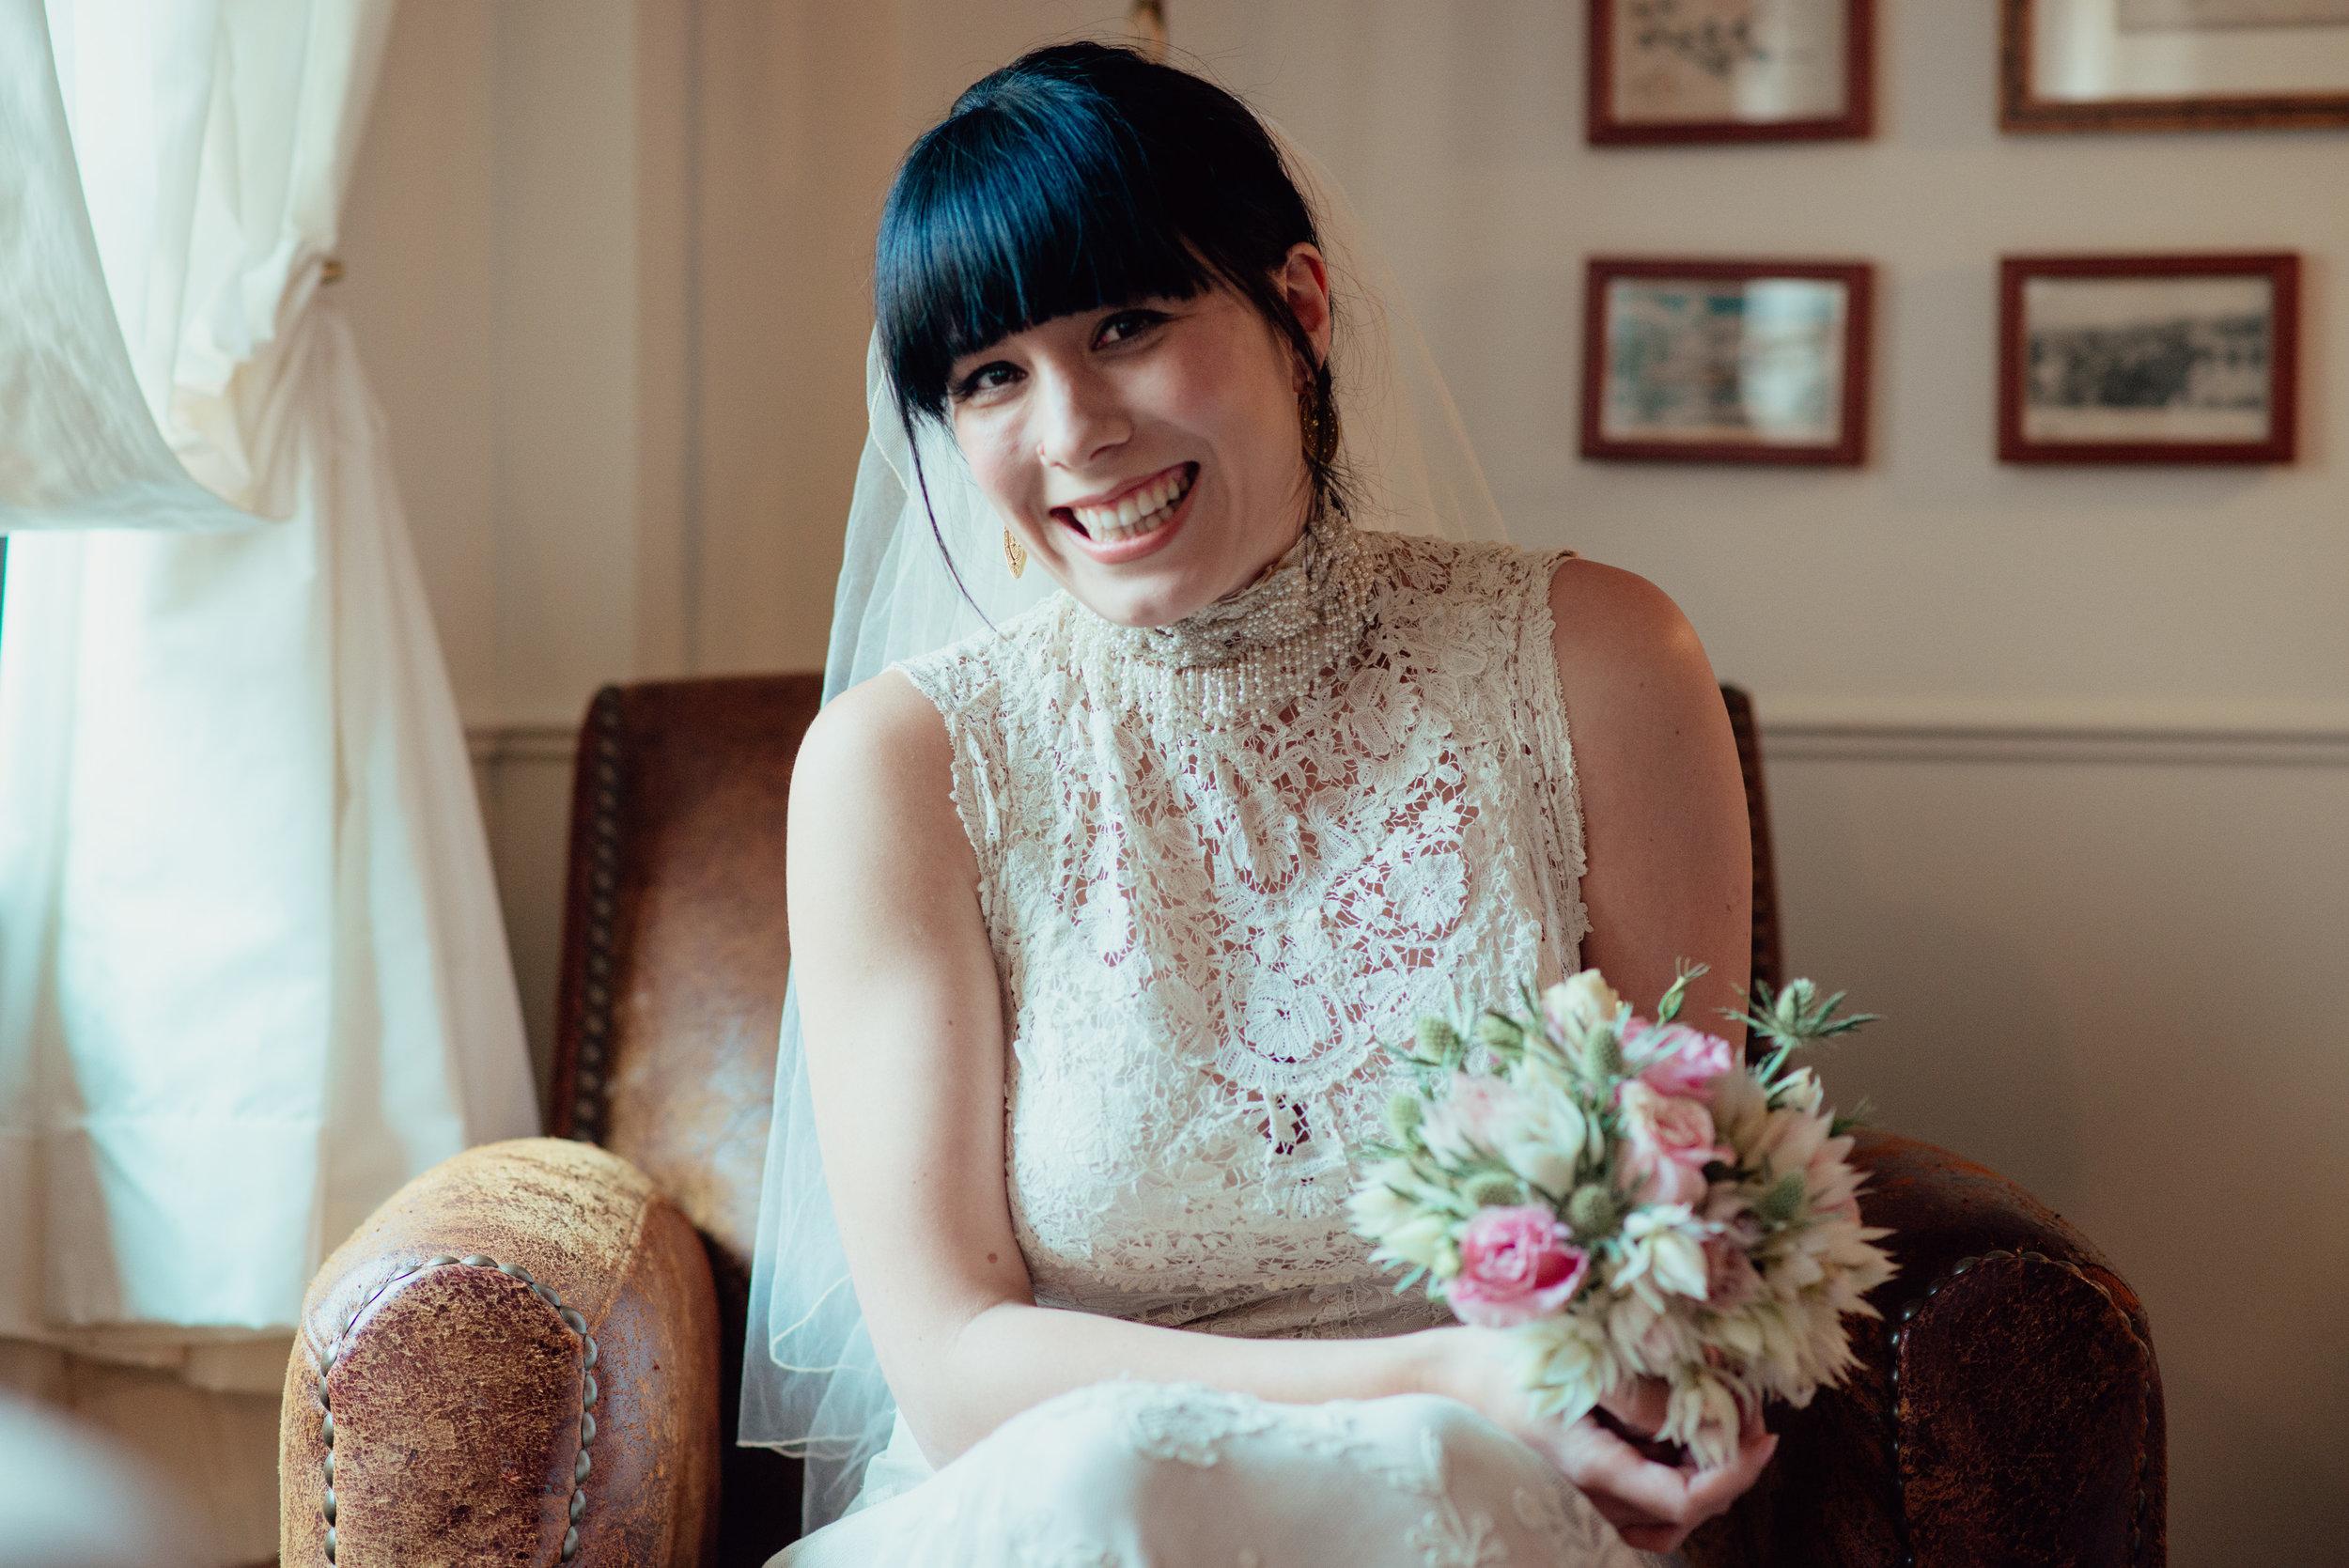 cleland-studios-weddings-10.jpg